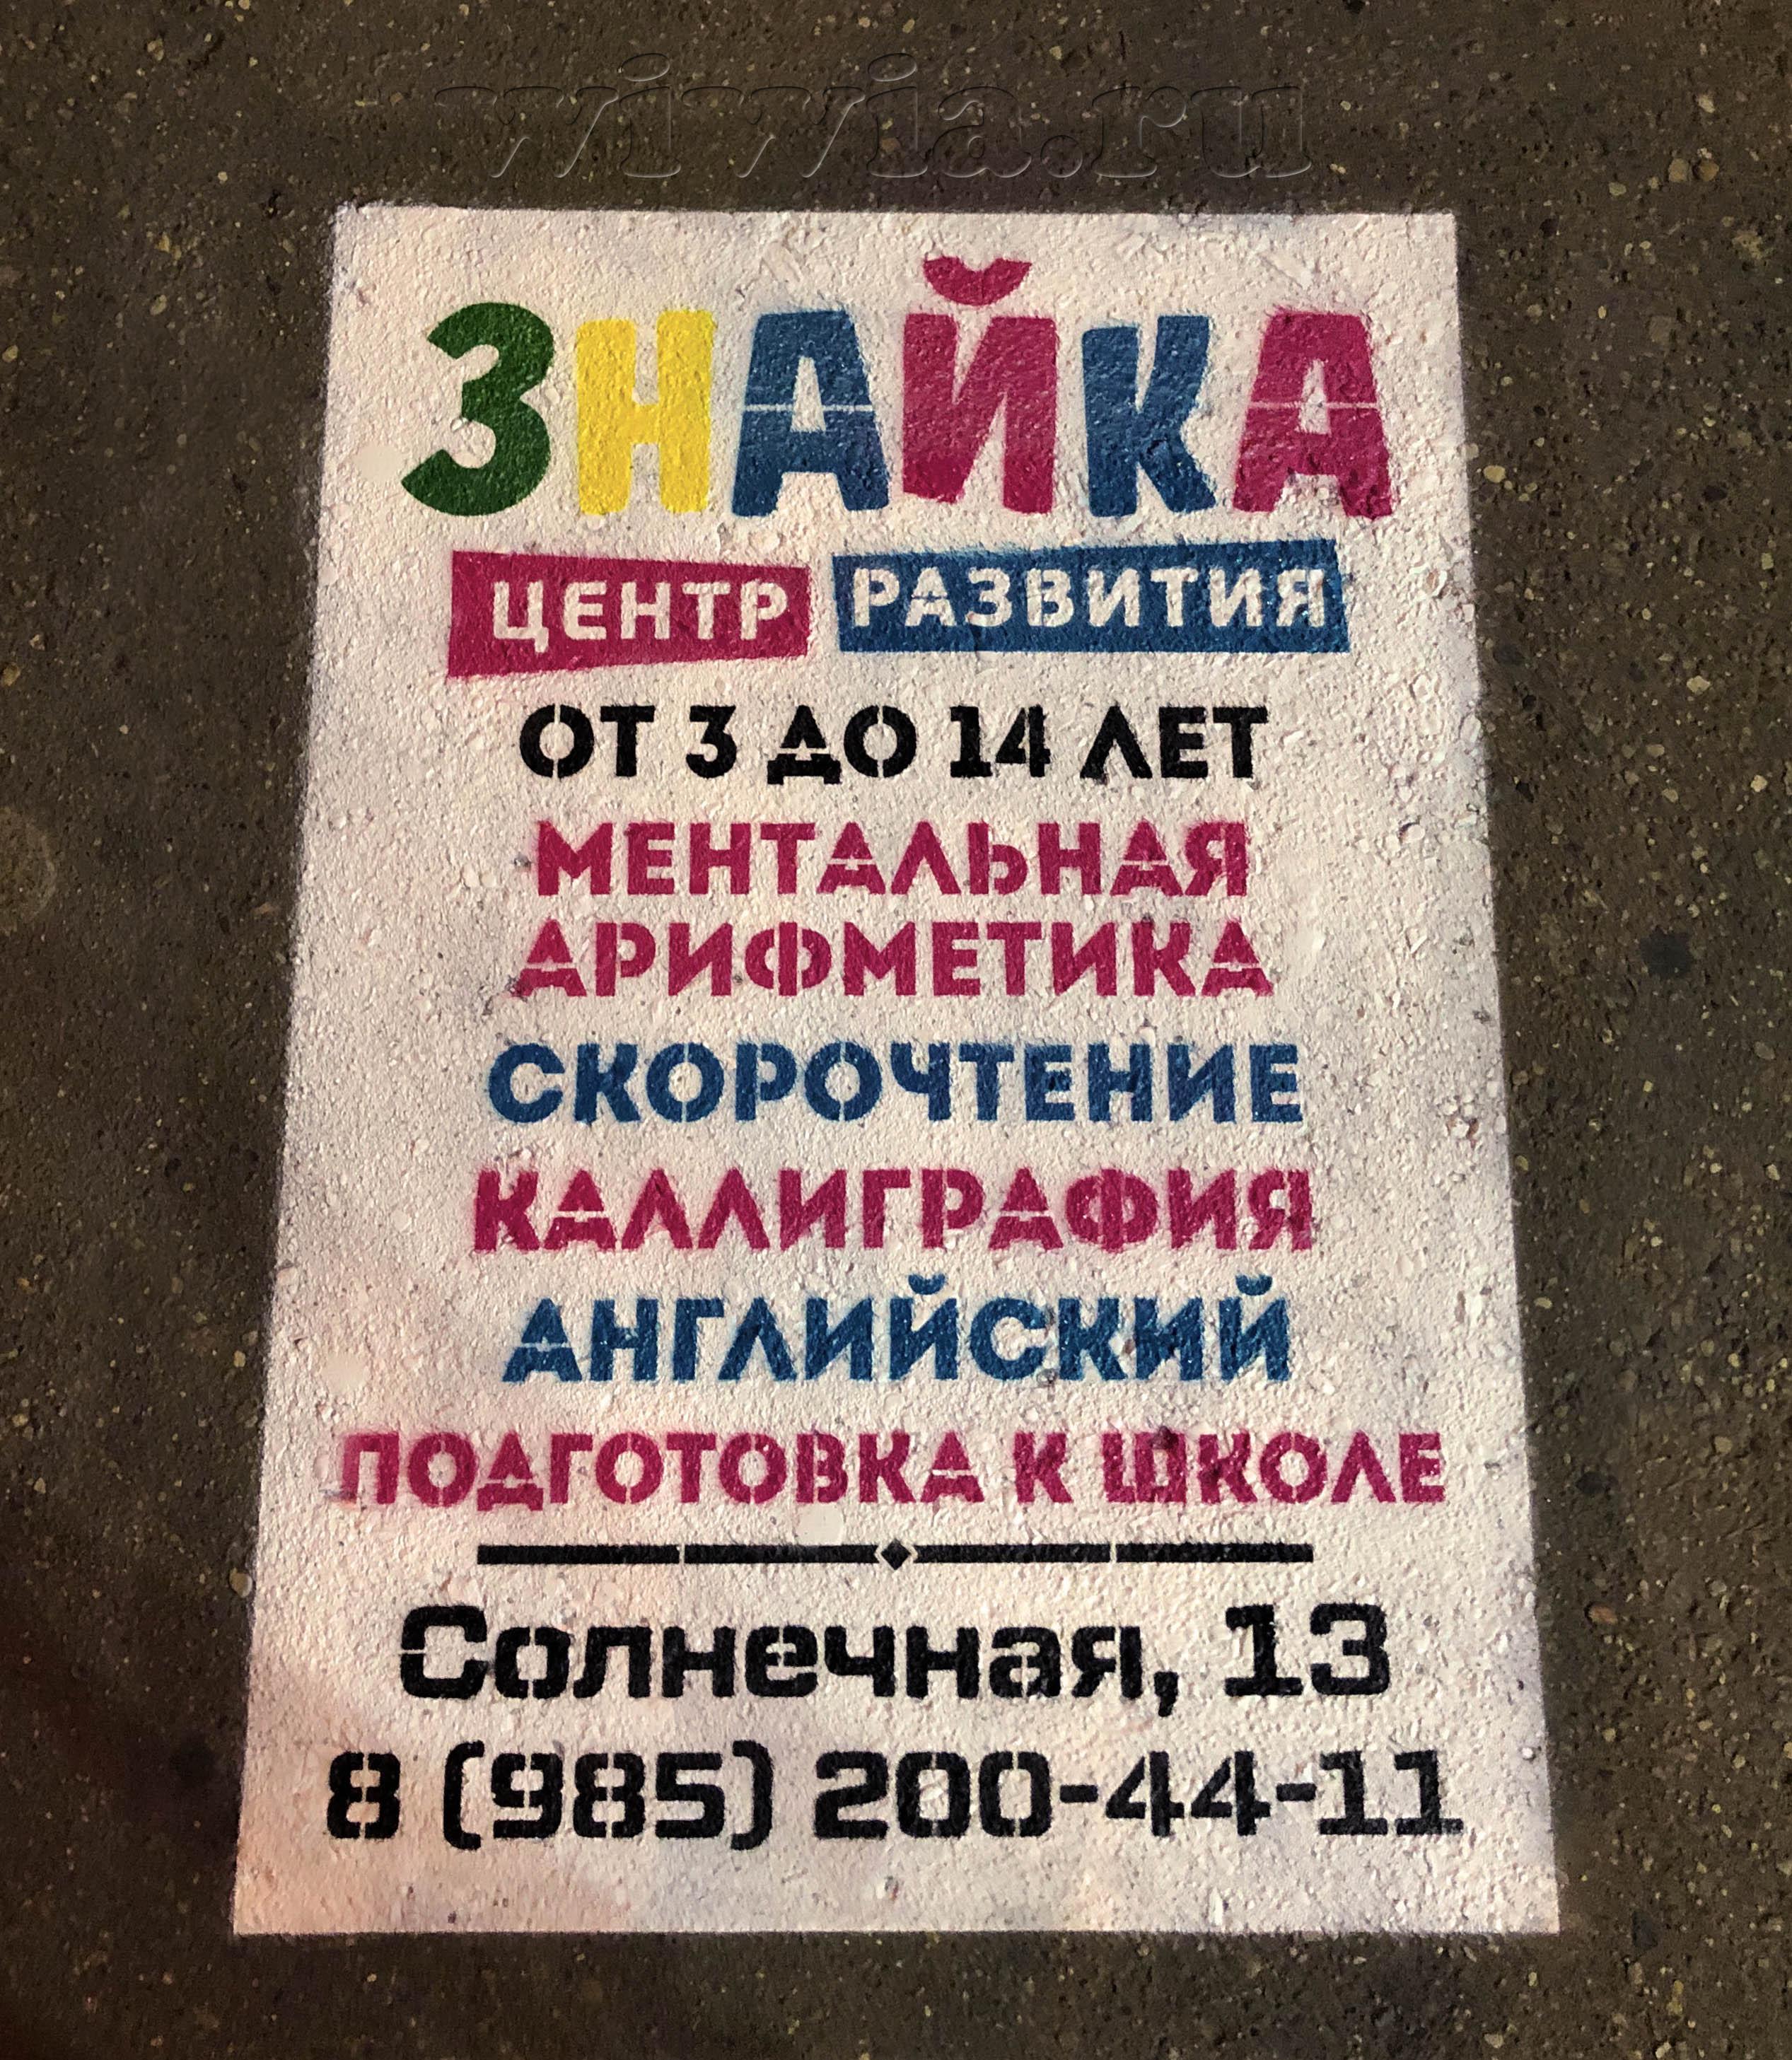 """Пример рекламы на асфальте для центра развития """"Знайка"""""""